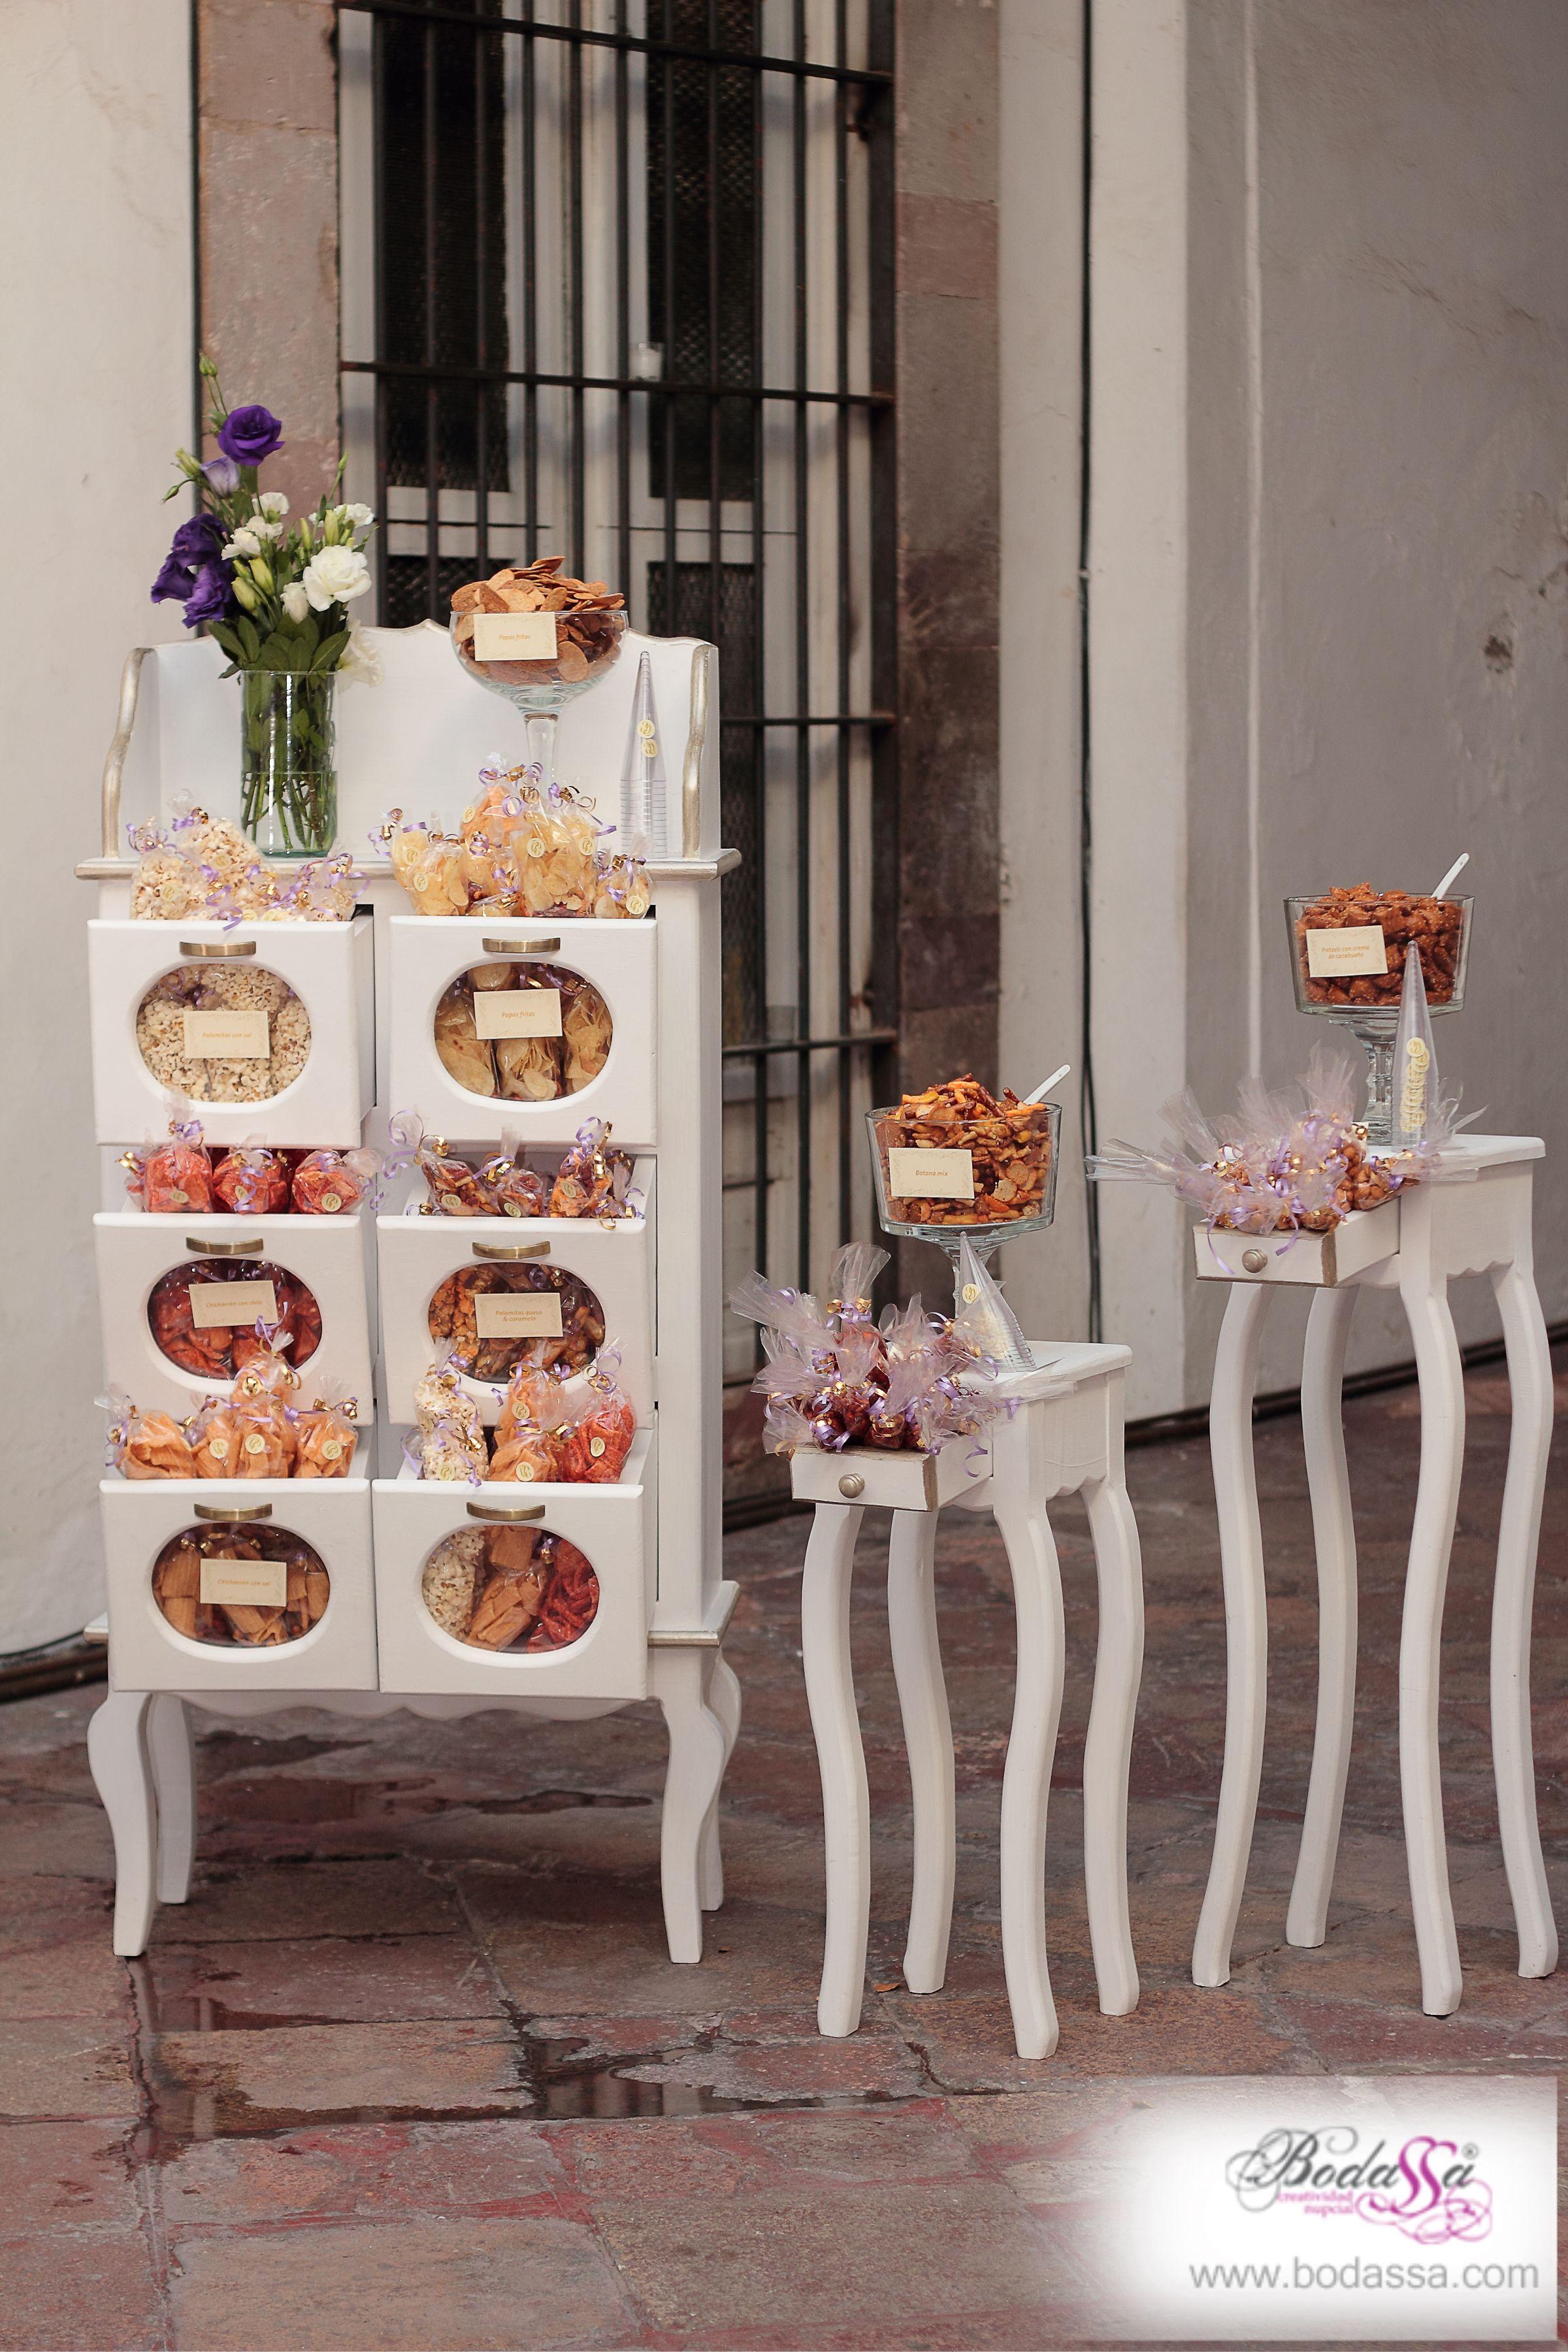 Barra salada en mobiliario de diseño #BODAS #BODASSA #WEDDINGPLANNER www.bodassa.com